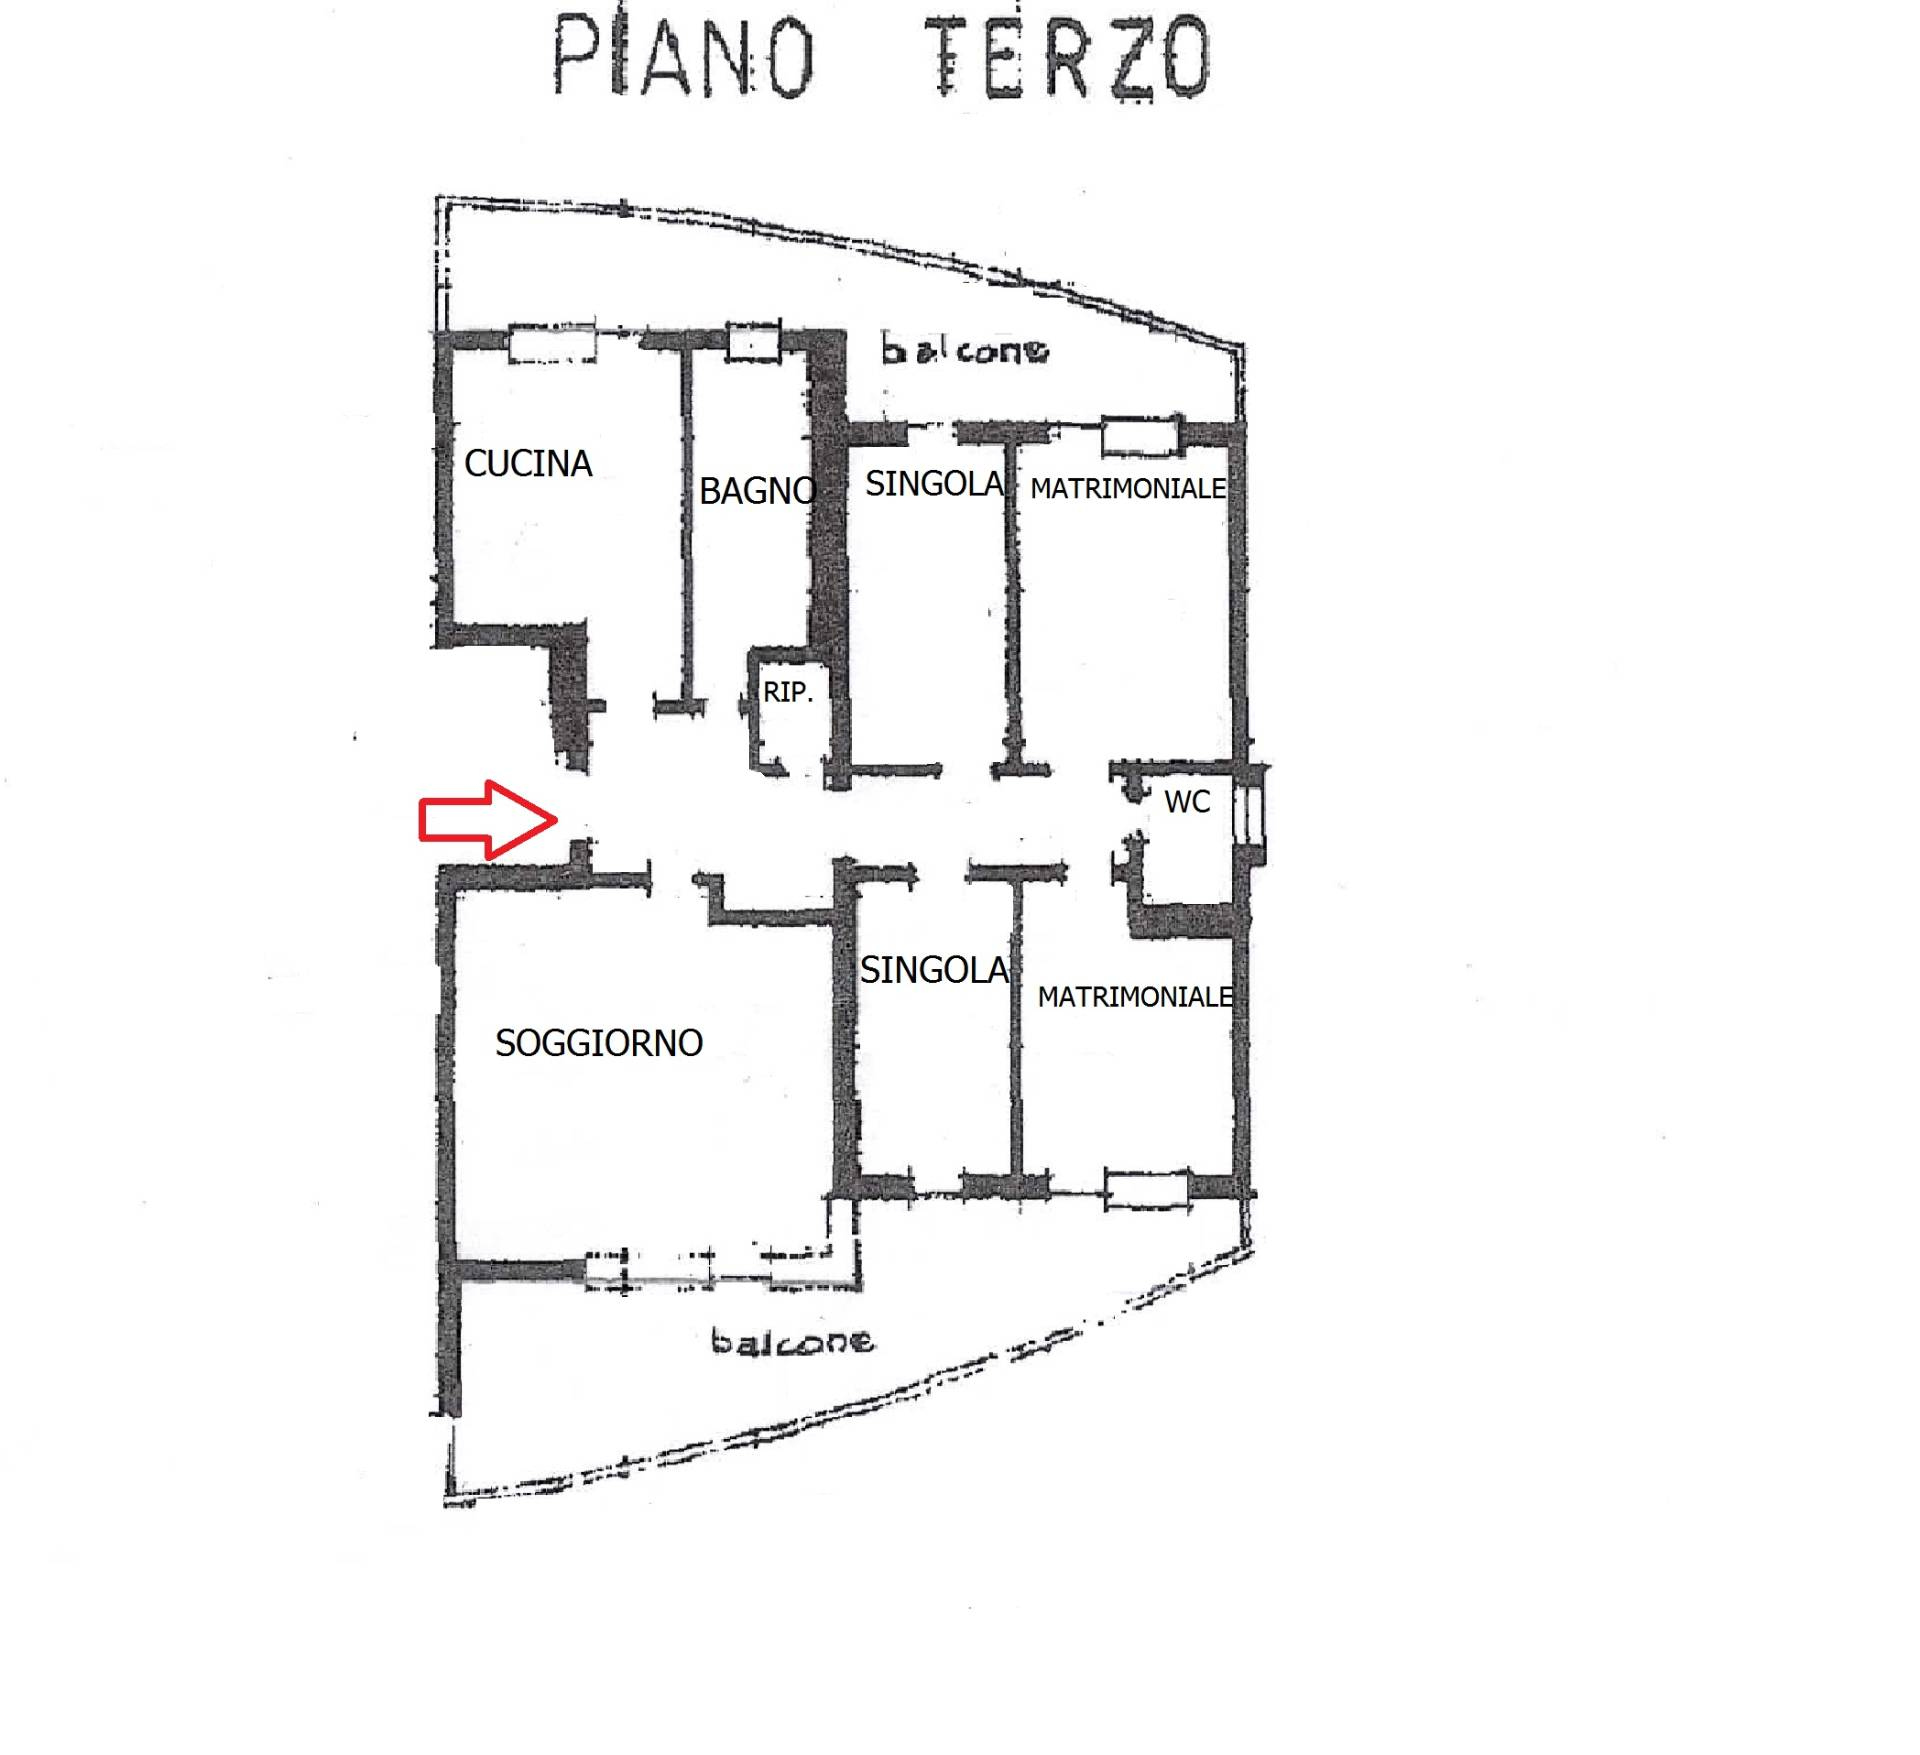 Appartamento in affitto a Bolzano, 6 locali, zona denziale, prezzo € 1.600 | PortaleAgenzieImmobiliari.it